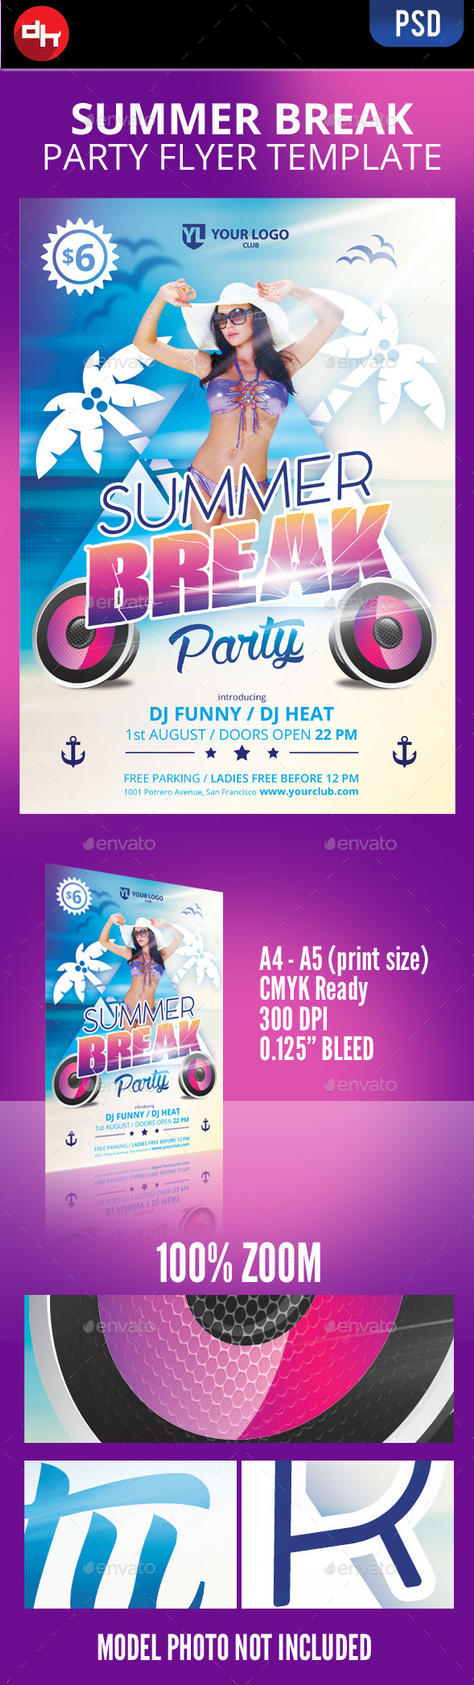 Summer break flyer template by doghead